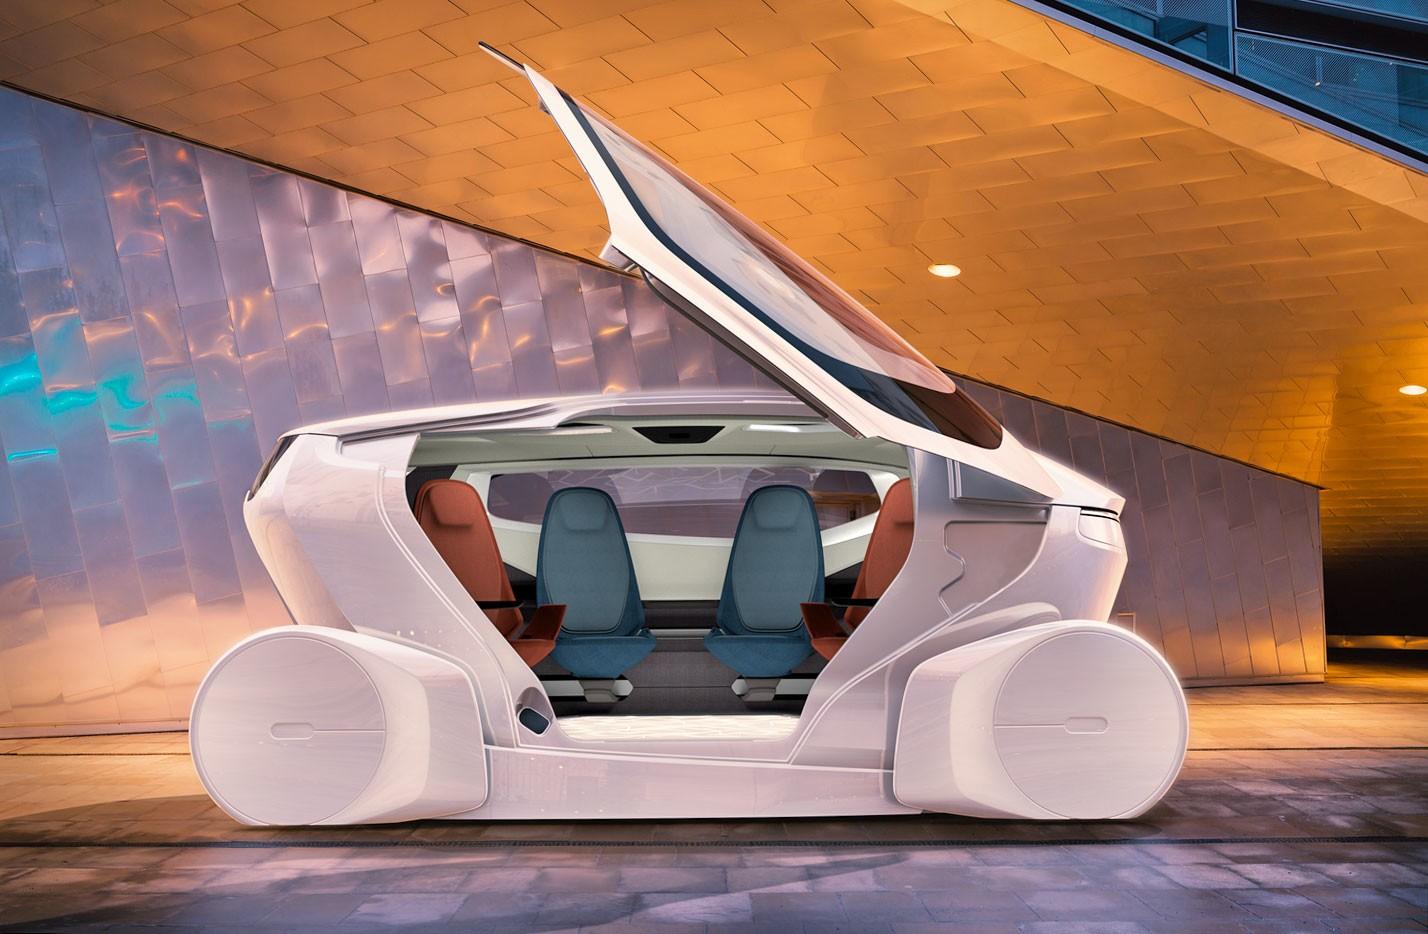 К 2040г вгородах будет на100% беспилотный транспорт